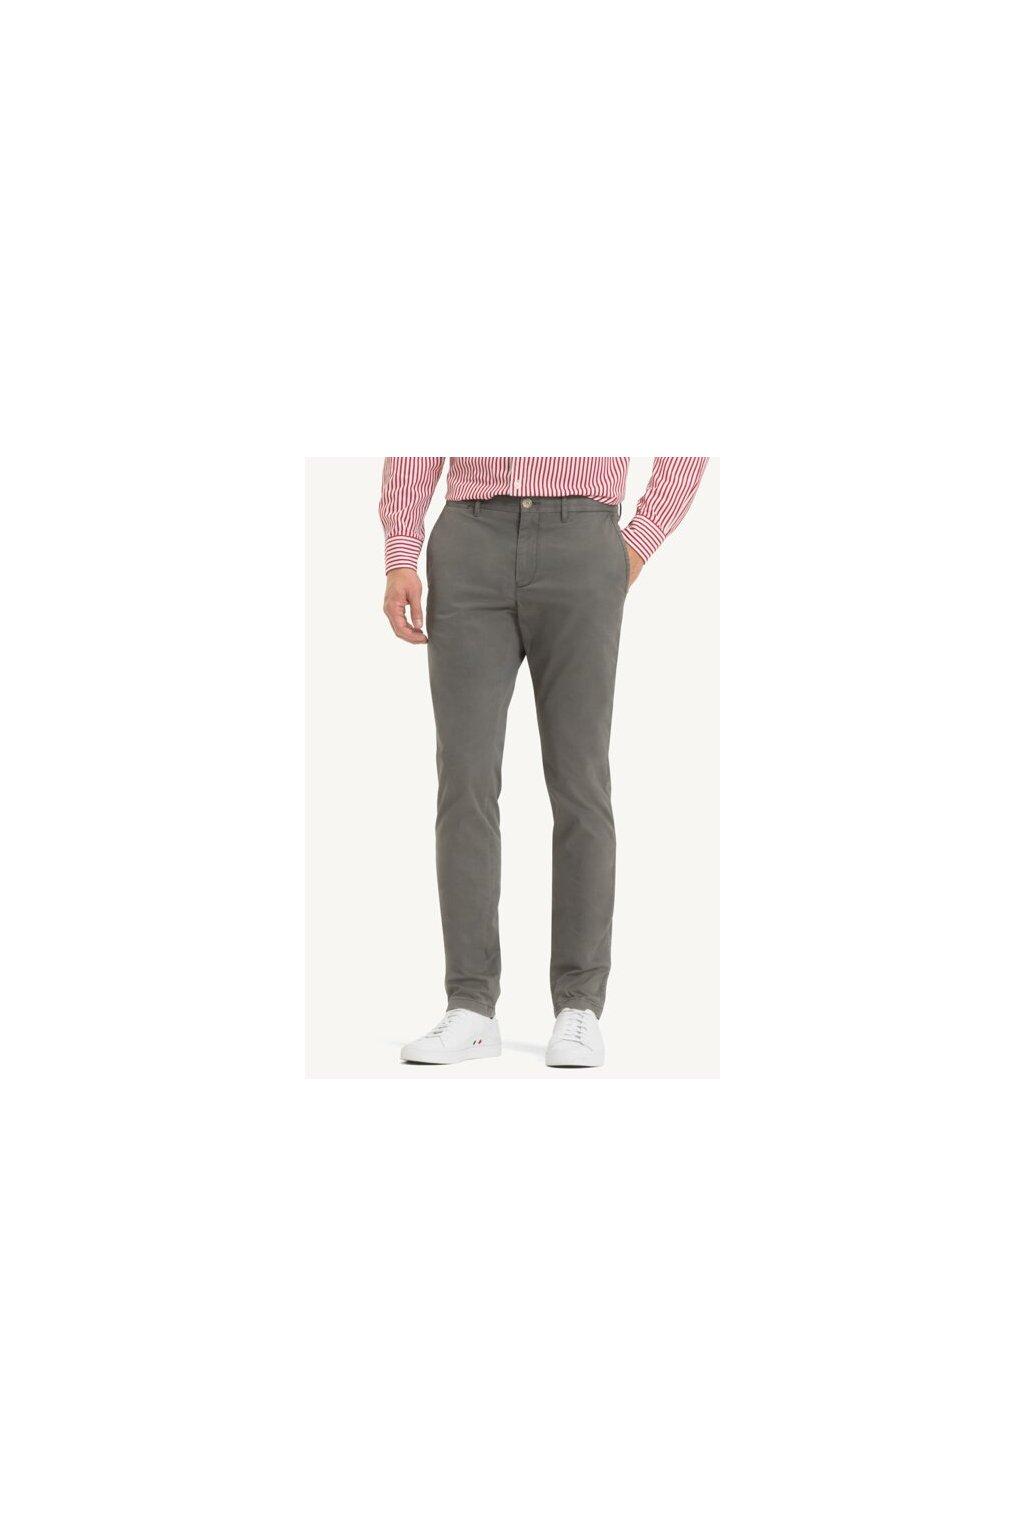 Pánské kalhoty Tommy Hilfiger MW0MW08557